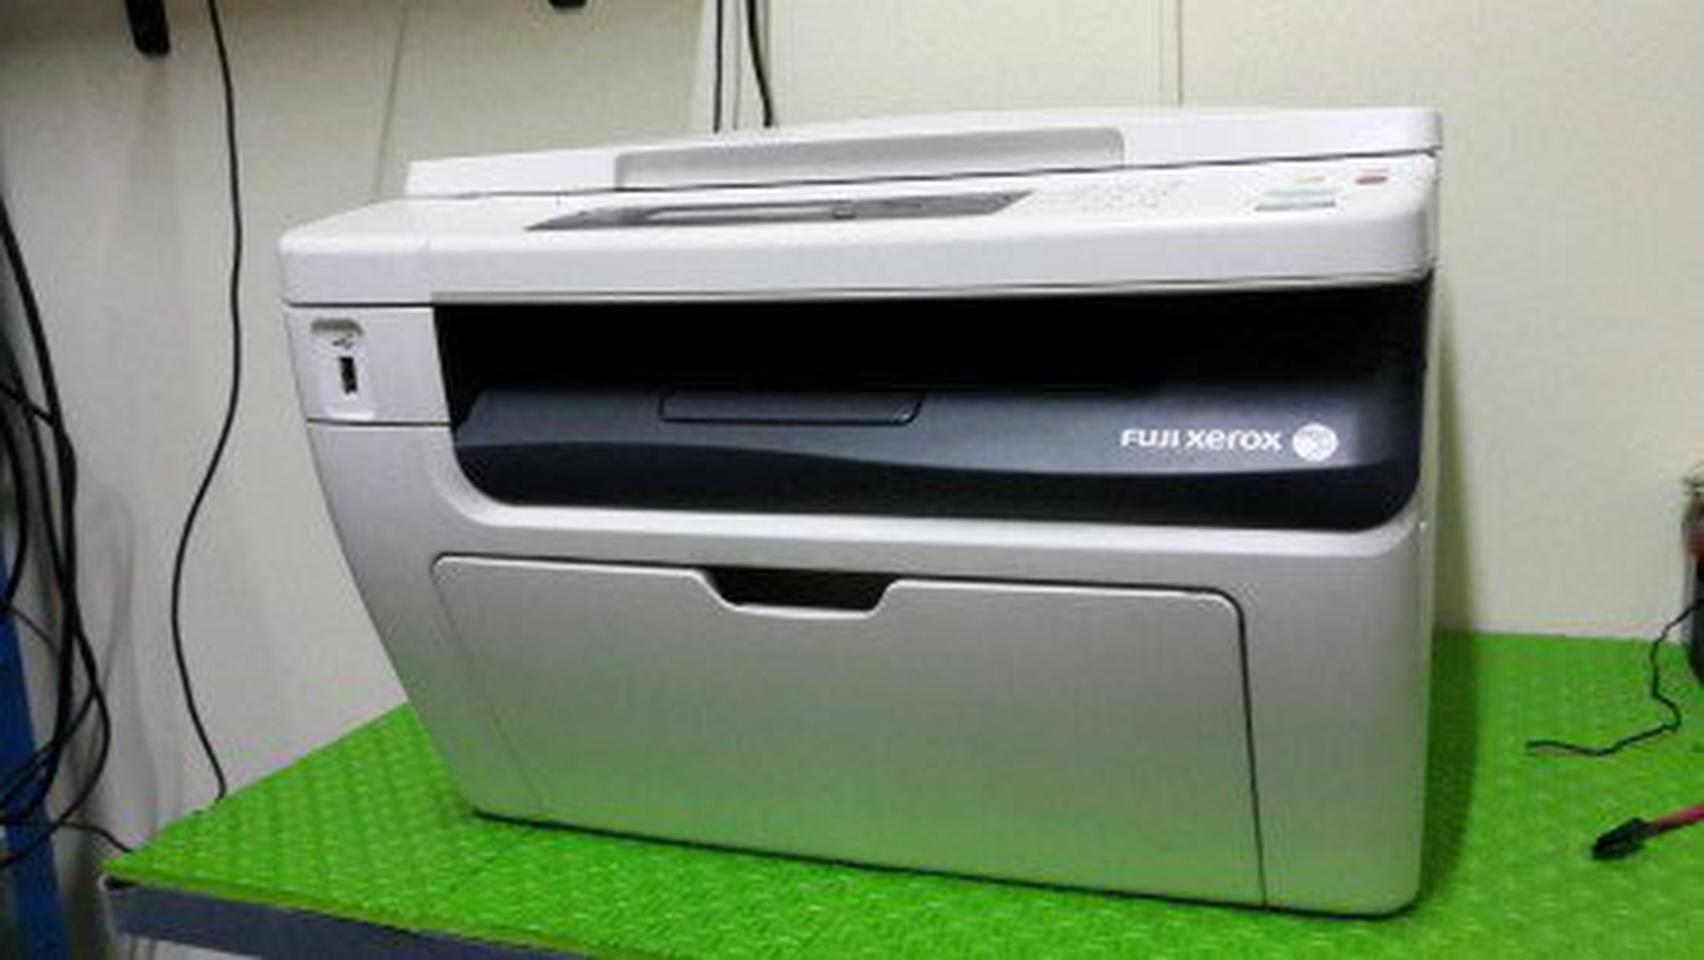 เครื่องปริ้นเตอร์ เลเซอร์ Fuji Xerox (M215b) รูปที่ 1